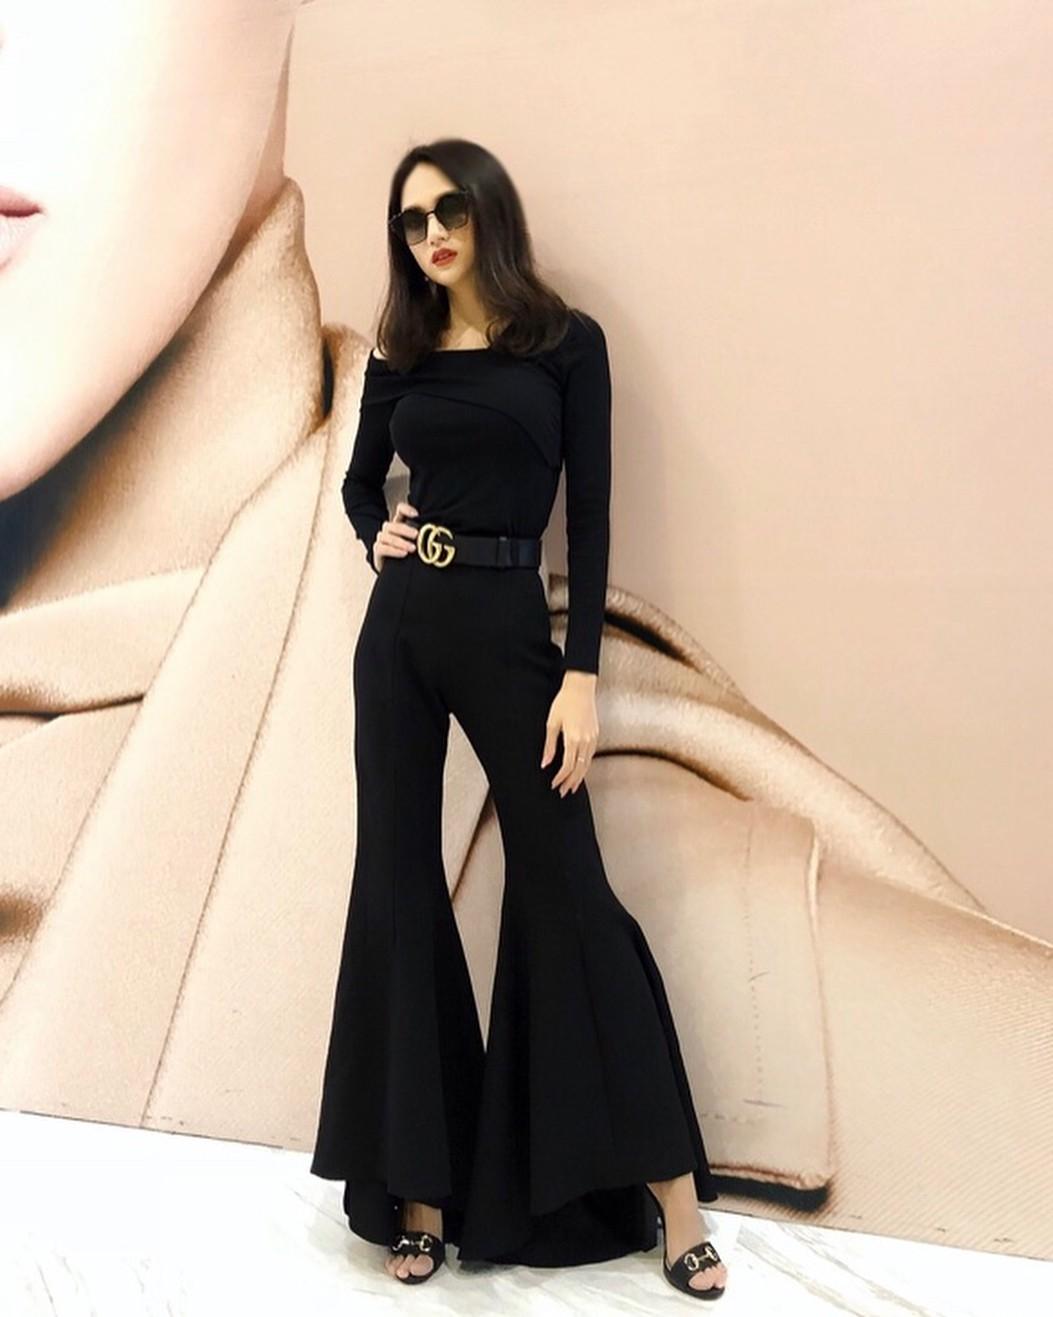 Nhìn xa tưởng bình thường, nhưng nhìn gần mới thấy được độ táo bạo của chiếc quần mà Angela Phương Trinh mặc  - Ảnh 4.